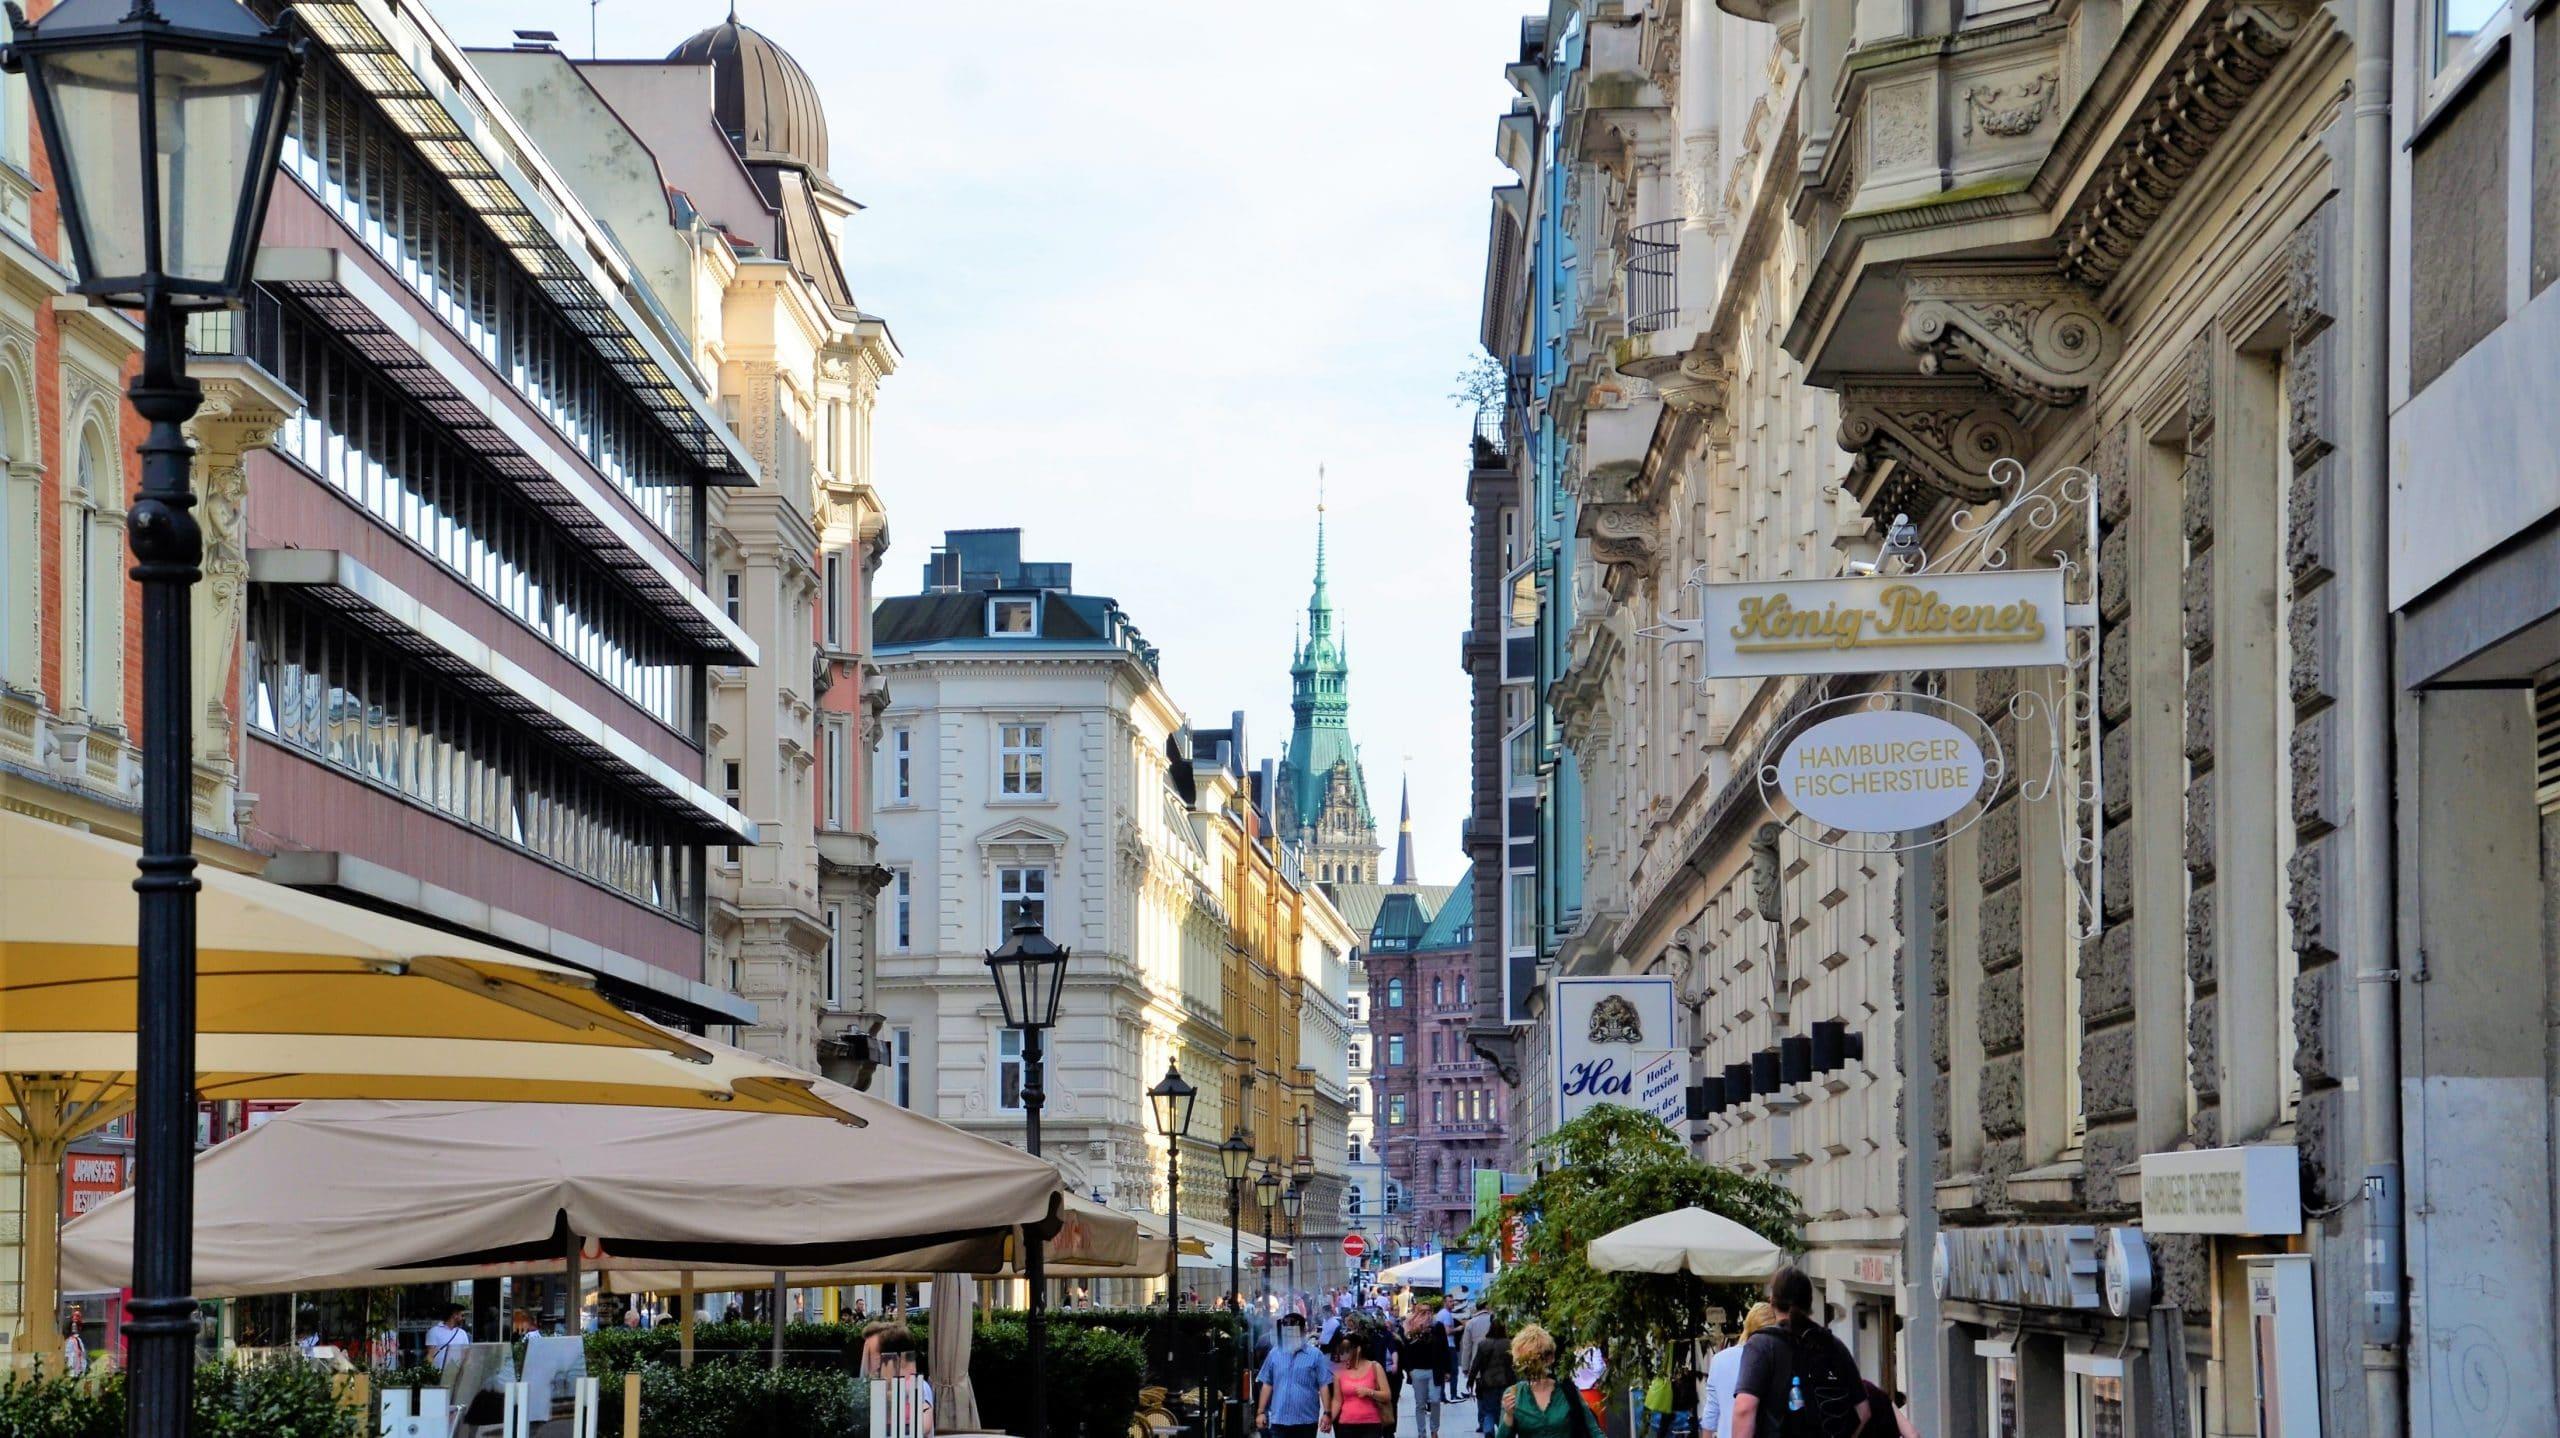 Colonnaden in Hamburg